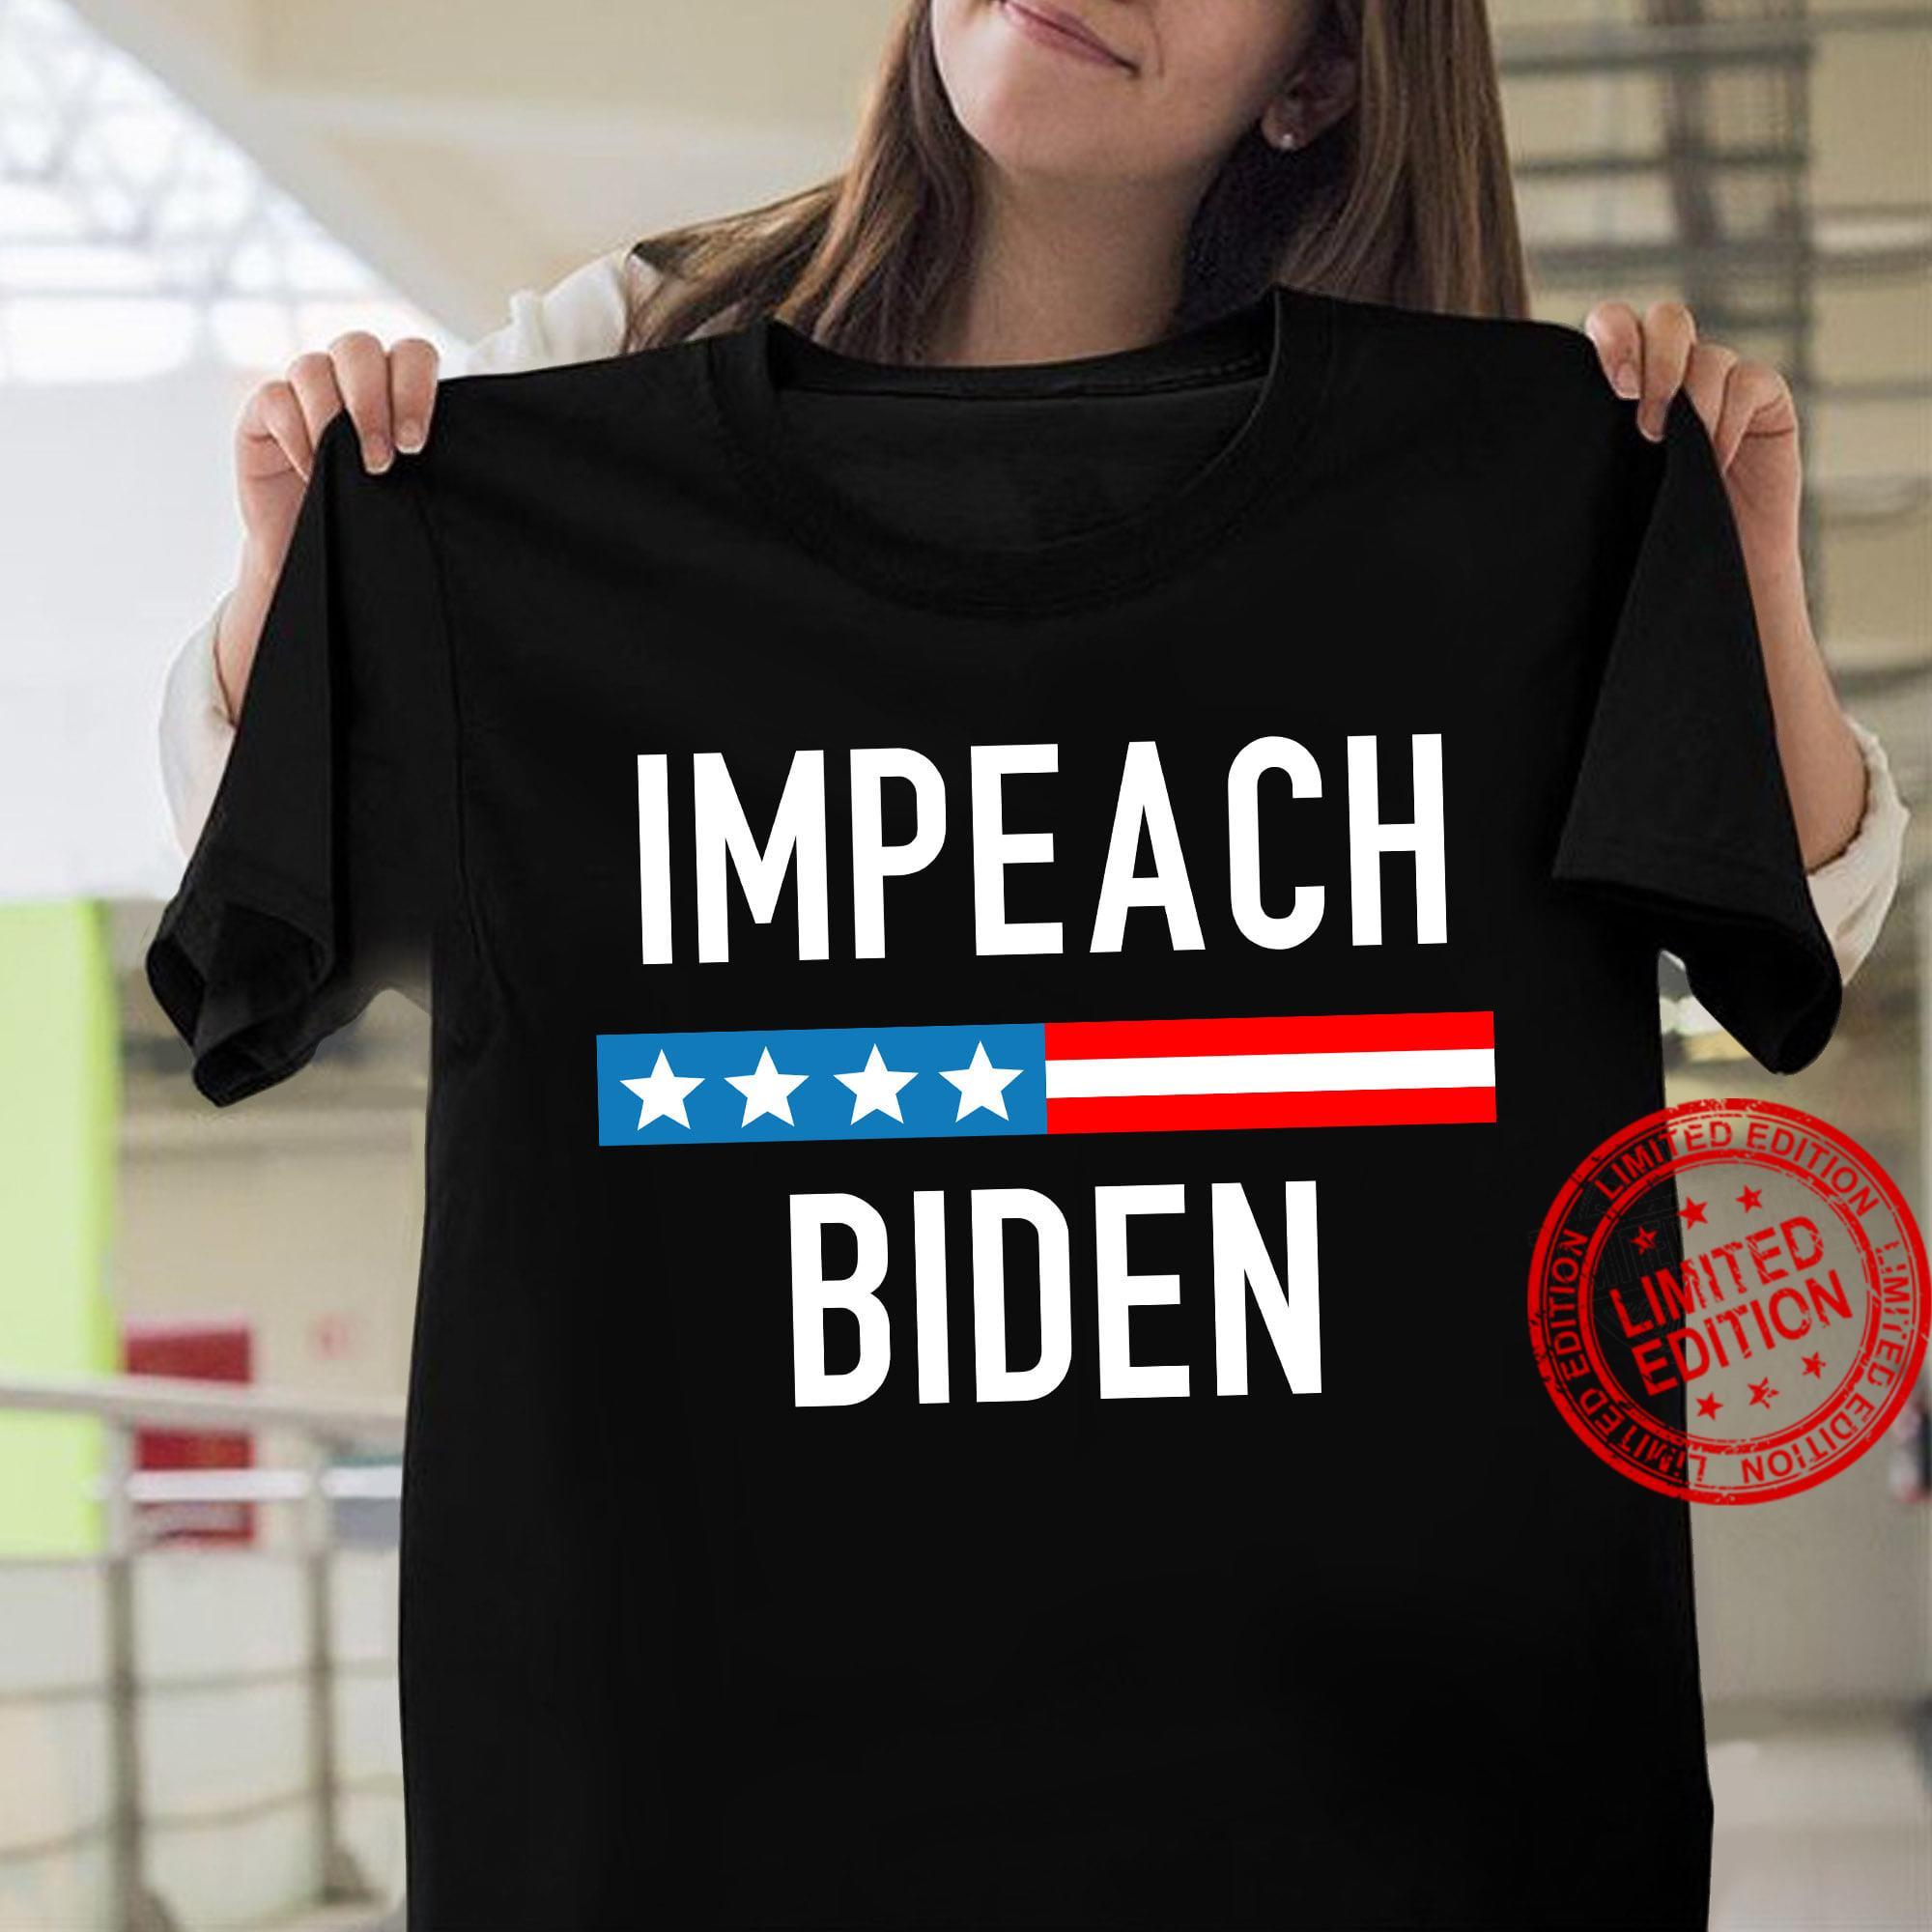 Impeach Biden Shirt